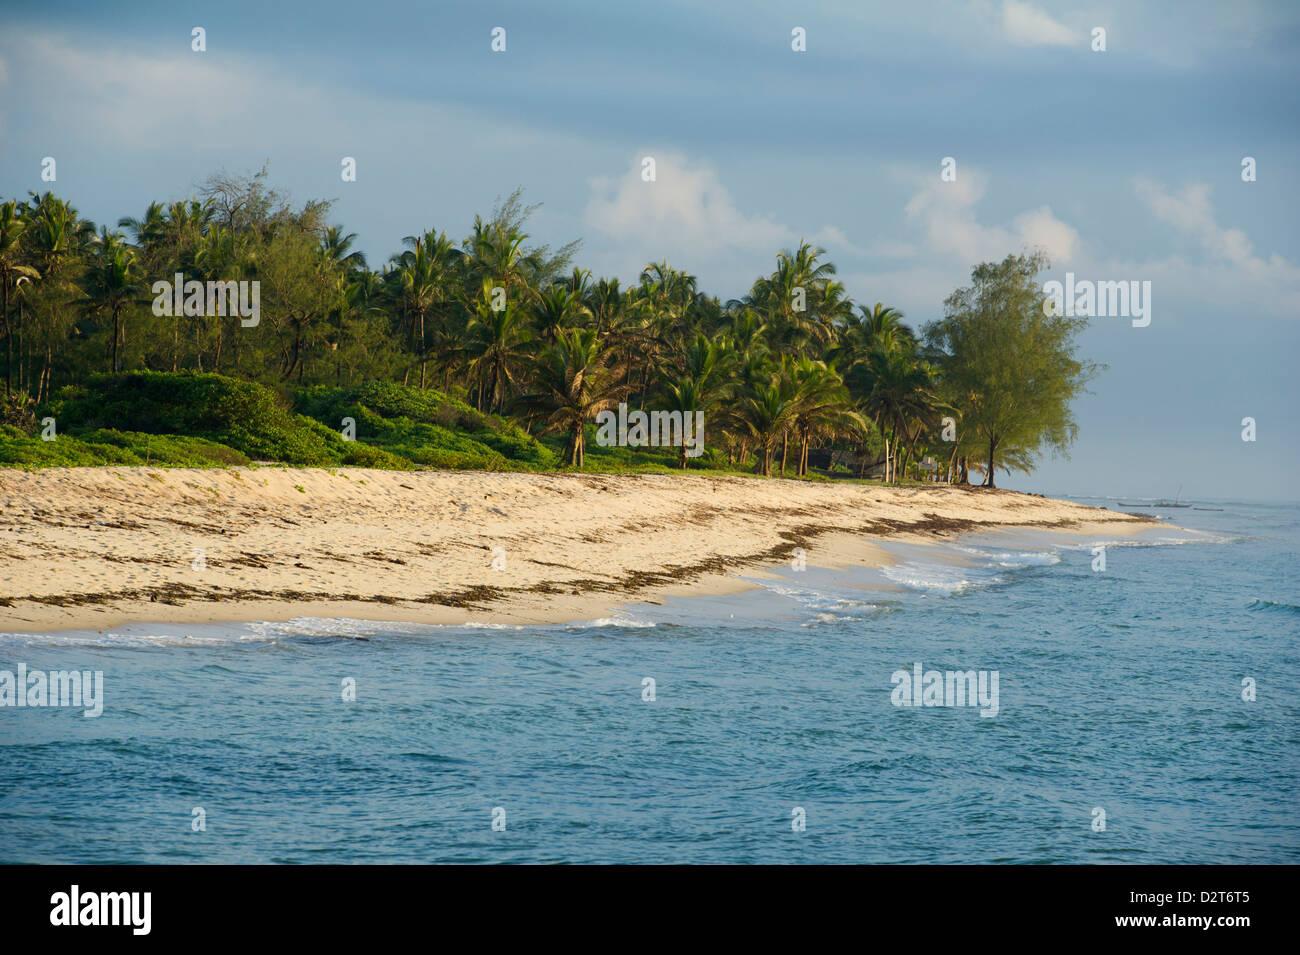 Mouth of the Mwachema River, Diani Beach, Kenya - Stock Image